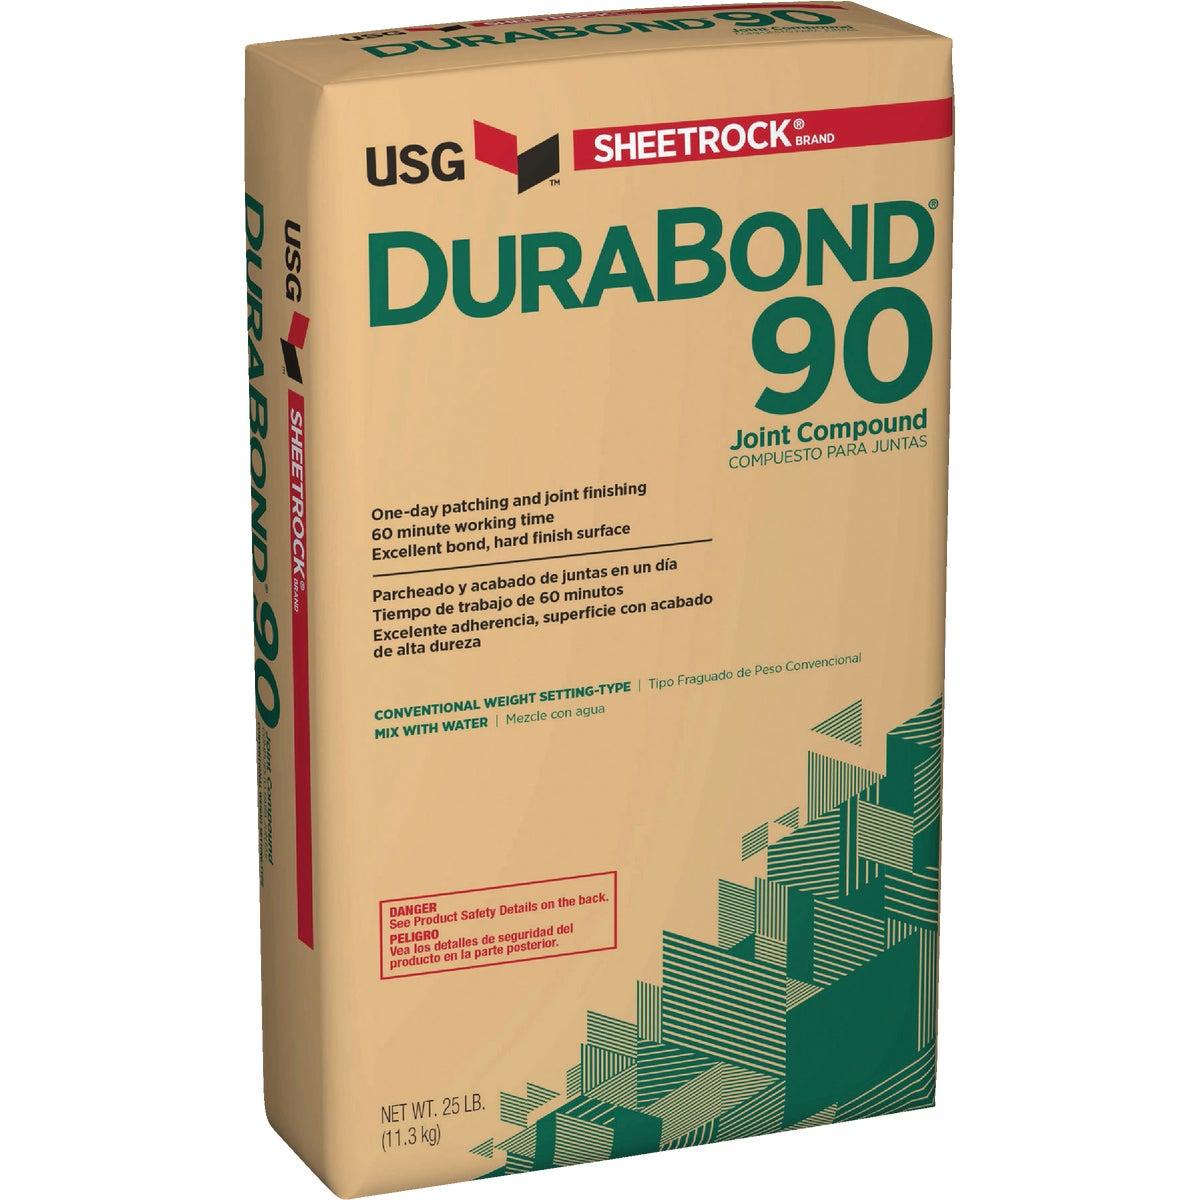 25LB DURABOND90 COMPOUND - 381630 by U S Gypsum